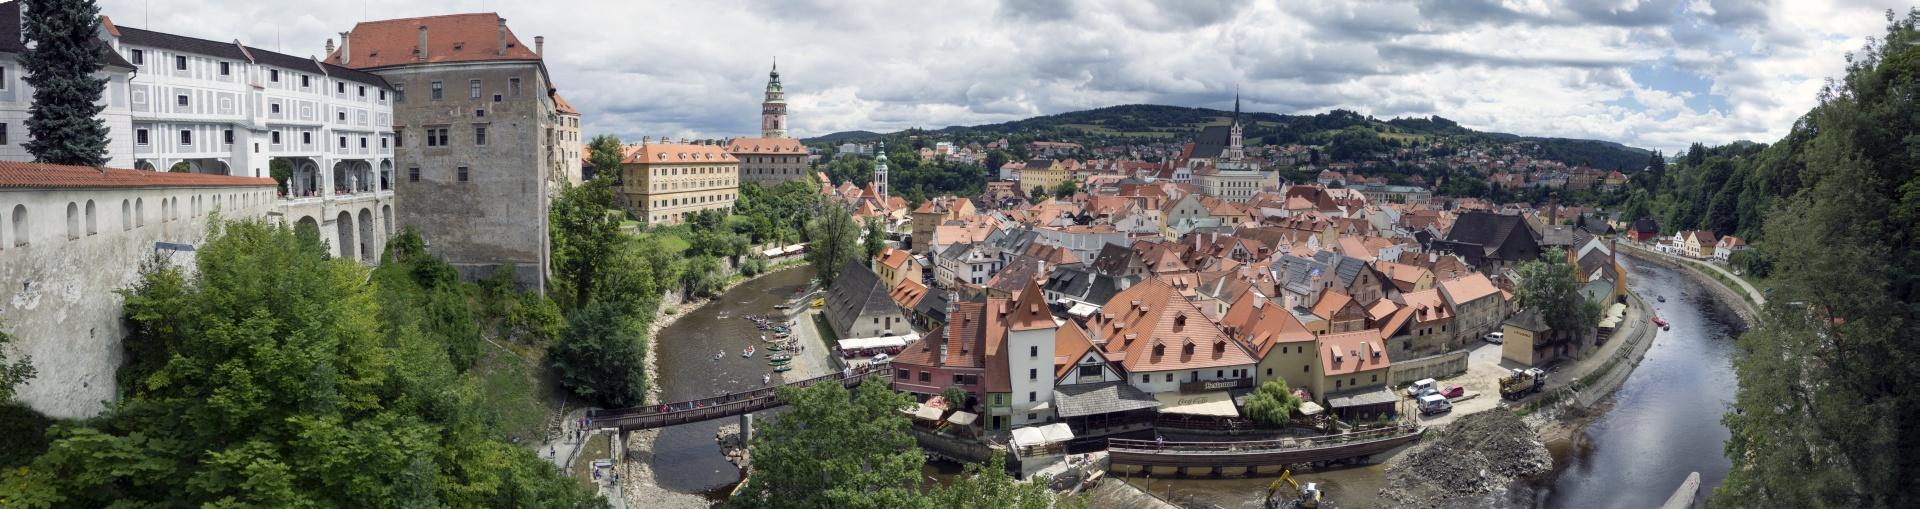 czeski Krumlov blog o podróżach podróże po Czechach